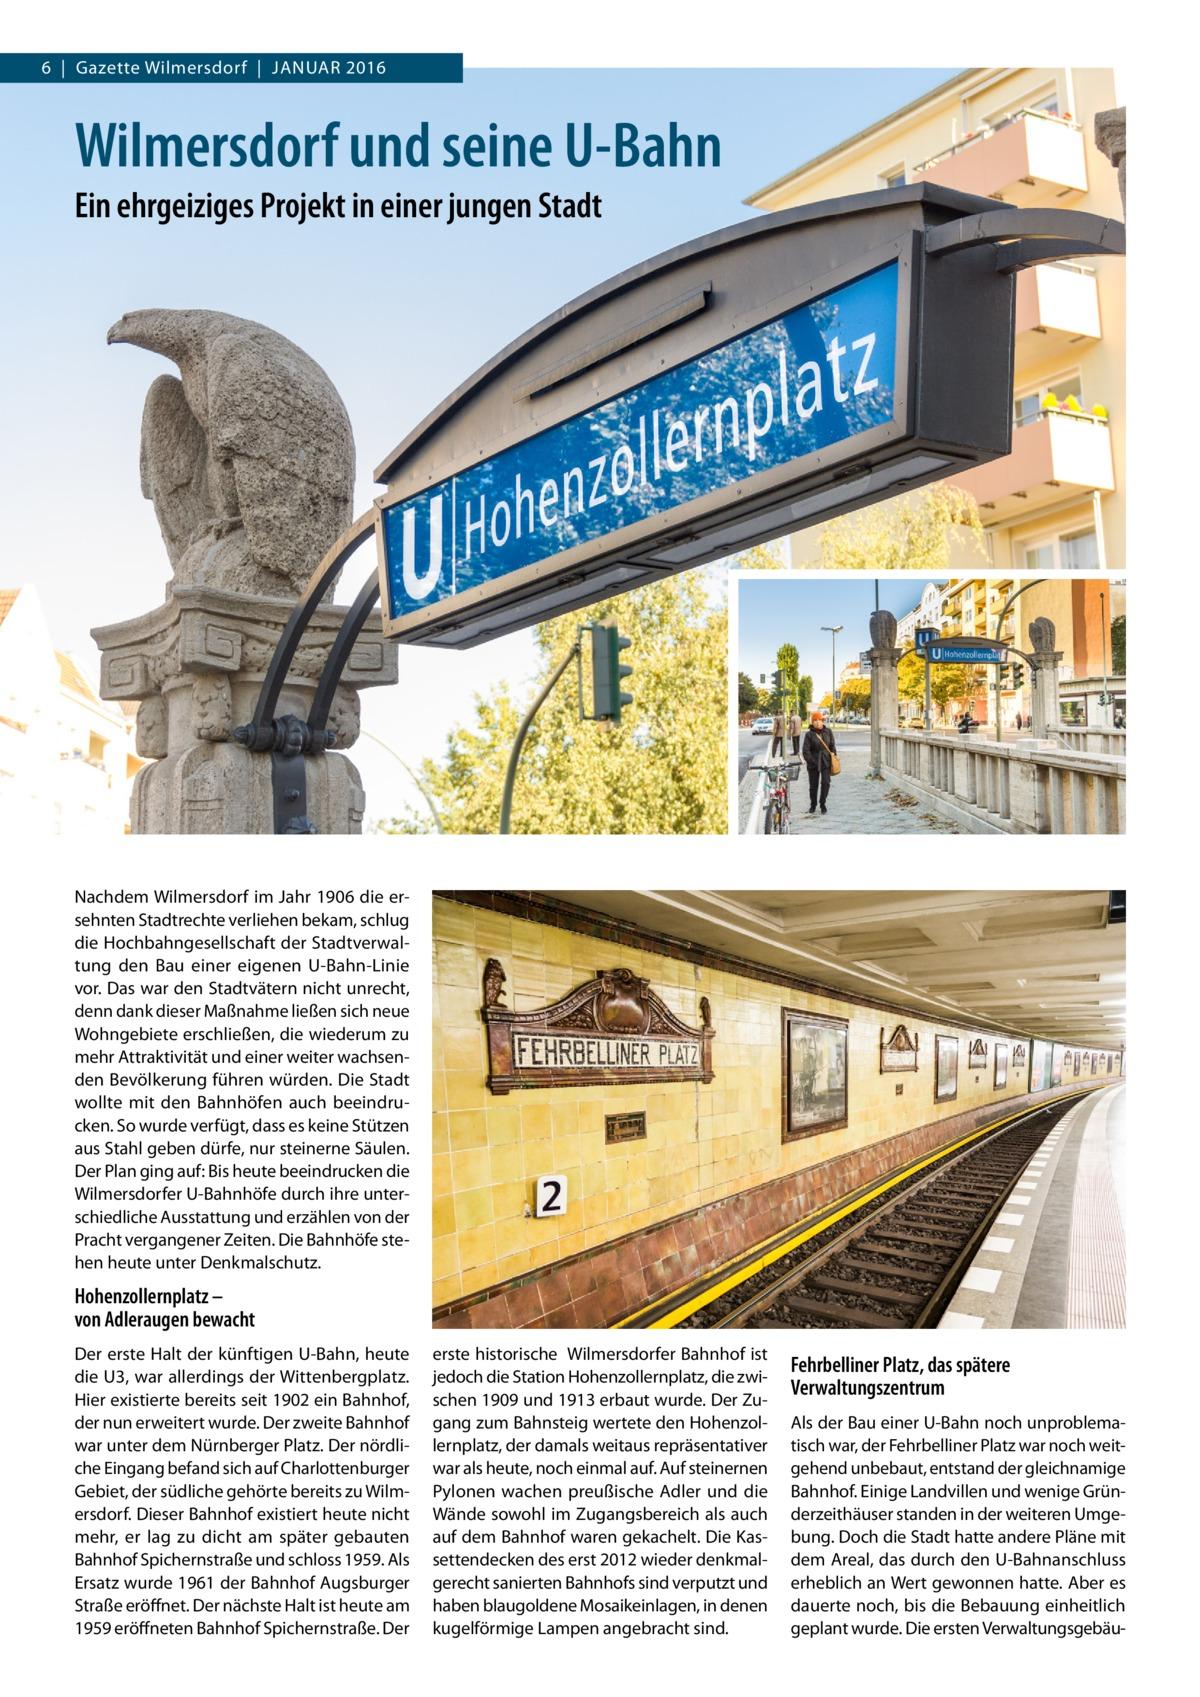 6|Gazette Wilmersdorf|Januar 2016  Wilmersdorf und seine U-Bahn Ein ehrgeiziges Projekt in einer jungen Stadt  Nachdem Wilmersdorf im Jahr 1906 die ersehnten Stadtrechte verliehen bekam, schlug die Hochbahngesellschaft der Stadtverwaltung den Bau einer eigenen U-Bahn-Linie vor. Das war den Stadtvätern nicht unrecht, denn dank dieser Maßnahme ließen sich neue Wohngebiete erschließen, die wiederum zu mehr Attraktivität und einer weiter wachsenden Bevölkerung führen würden. Die Stadt wollte mit den Bahnhöfen auch beeindrucken. So wurde verfügt, dass es keine Stützen aus Stahl geben dürfe, nur steinerne Säulen. Der Plan ging auf: Bis heute beeindrucken die Wilmersdorfer U-Bahnhöfe durch ihre unterschiedliche Ausstattung und erzählen von der Pracht vergangener Zeiten. Die Bahnhöfe stehen heute unter Denkmalschutz.  Hohenzollernplatz – von Adleraugen bewacht Der erste Halt der künftigen U-Bahn, heute die U3, war allerdings der Wittenbergplatz. Hier existierte bereits seit 1902 ein Bahnhof, der nun erweitert wurde. Der zweite Bahnhof war unter dem Nürnberger Platz. Der nördliche Eingang befand sich auf Charlottenburger Gebiet, der südliche gehörte bereits zu Wilmersdorf. Dieser Bahnhof existiert heute nicht mehr, er lag zu dicht am später gebauten Bahnhof Spichernstraße und schloss 1959. Als Ersatz wurde 1961 der Bahnhof Augsburger Straße eröffnet. Der nächste Halt ist heute am 1959 eröffneten Bahnhof Spichernstraße. Der  erste historische Wilmersdorfer Bahnhof ist jedoch die Station Hohenzollernplatz, die zwischen 1909 und 1913 erbaut wurde. Der Zugang zum Bahnsteig wertete den Hohenzollernplatz, der damals weitaus repräsentativer war als heute, noch einmal auf. Auf steinernen Pylonen wachen preußische Adler und die Wände sowohl im Zugangsbereich als auch auf dem Bahnhof waren gekachelt. Die Kassettendecken des erst 2012 wieder denkmalgerecht sanierten Bahnhofs sind verputzt und haben blaugoldene Mosaikeinlagen, in denen kugelförmige Lampen angebracht sind.  Fehrbelliner 